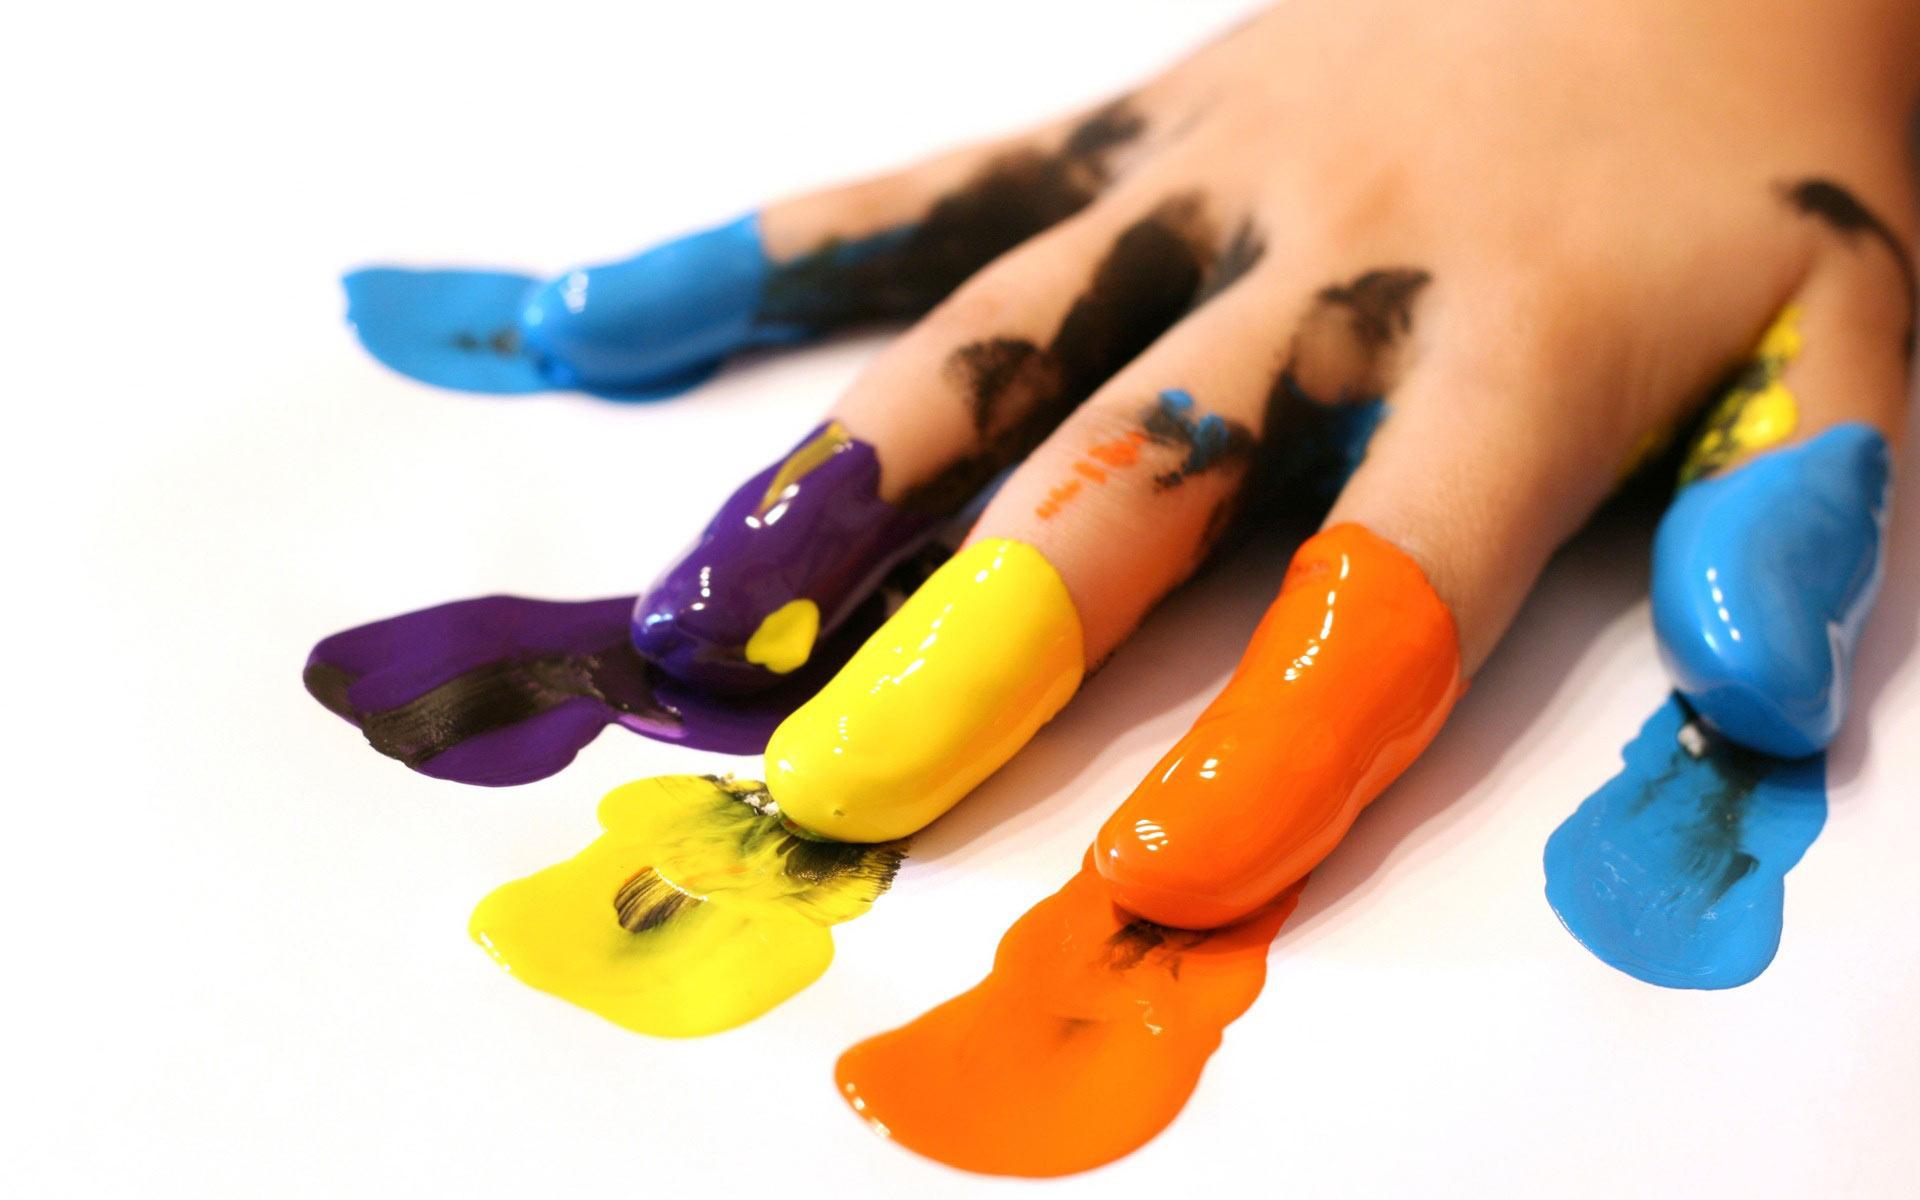 рукав краске, все цвета радуги, скачать фото, обои для рабочего стола